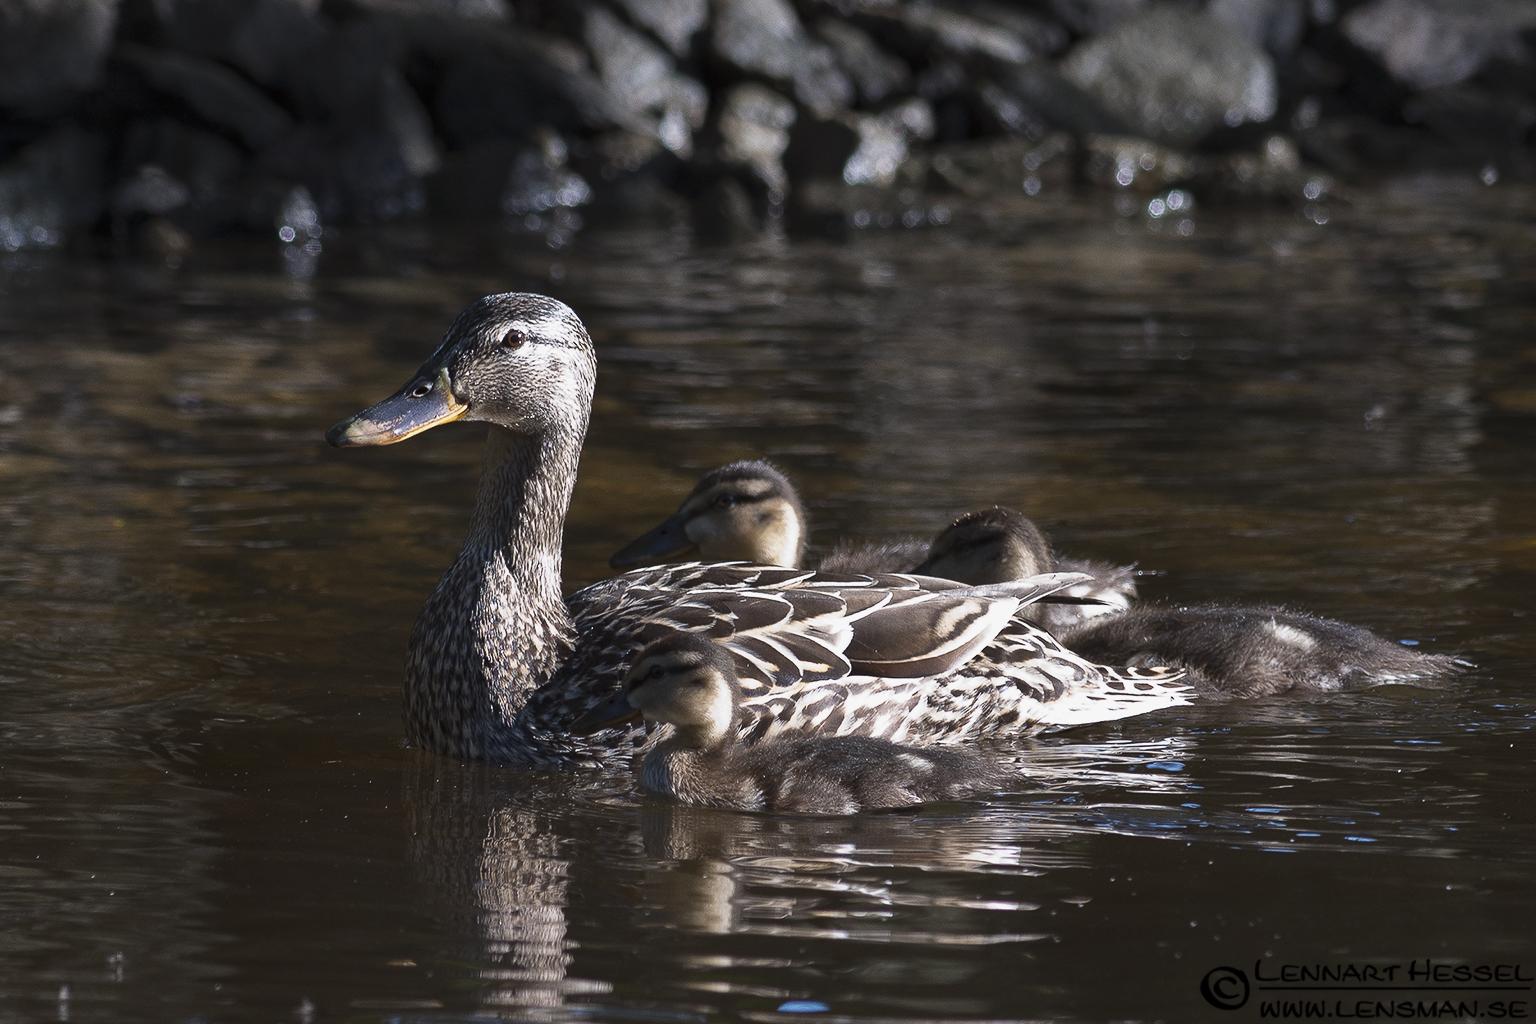 Mallard Duck at Säveån, Gothenburg